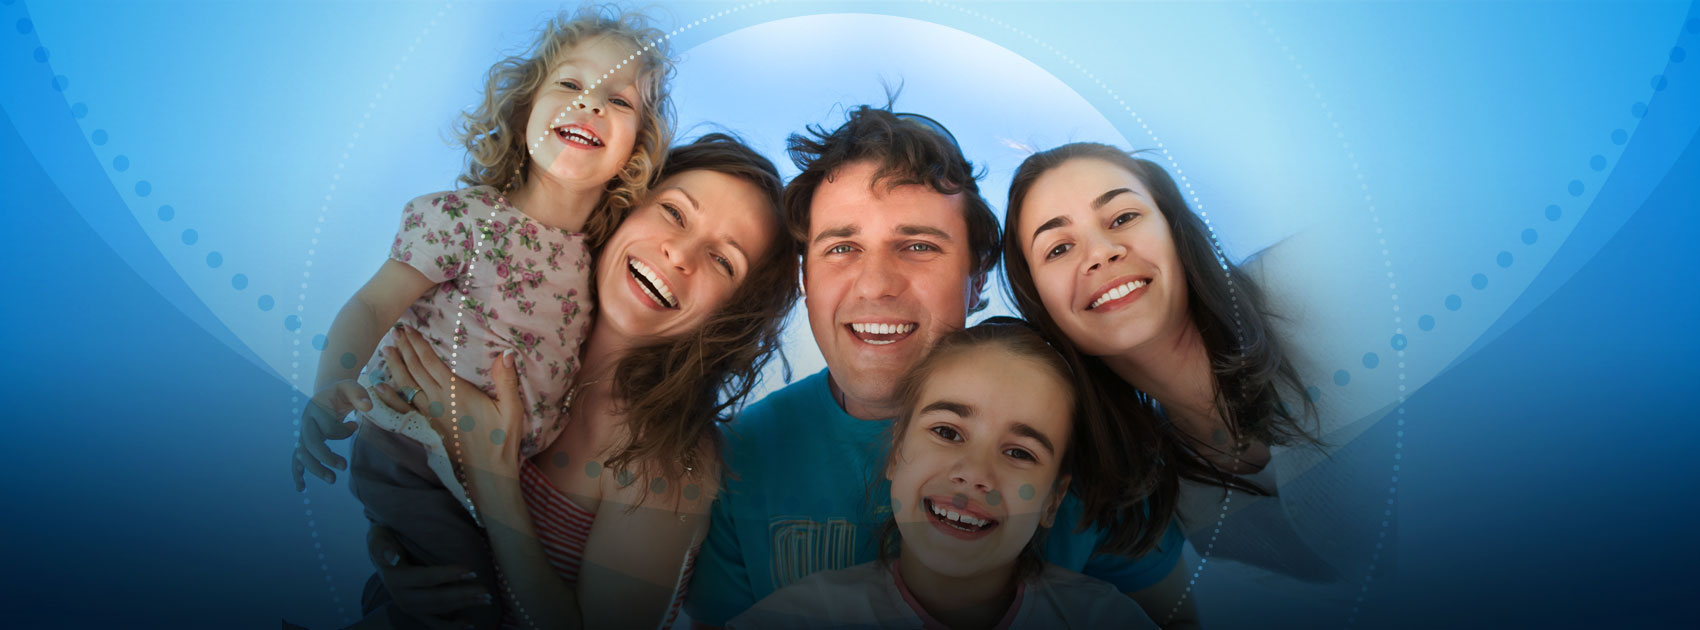 banner-family